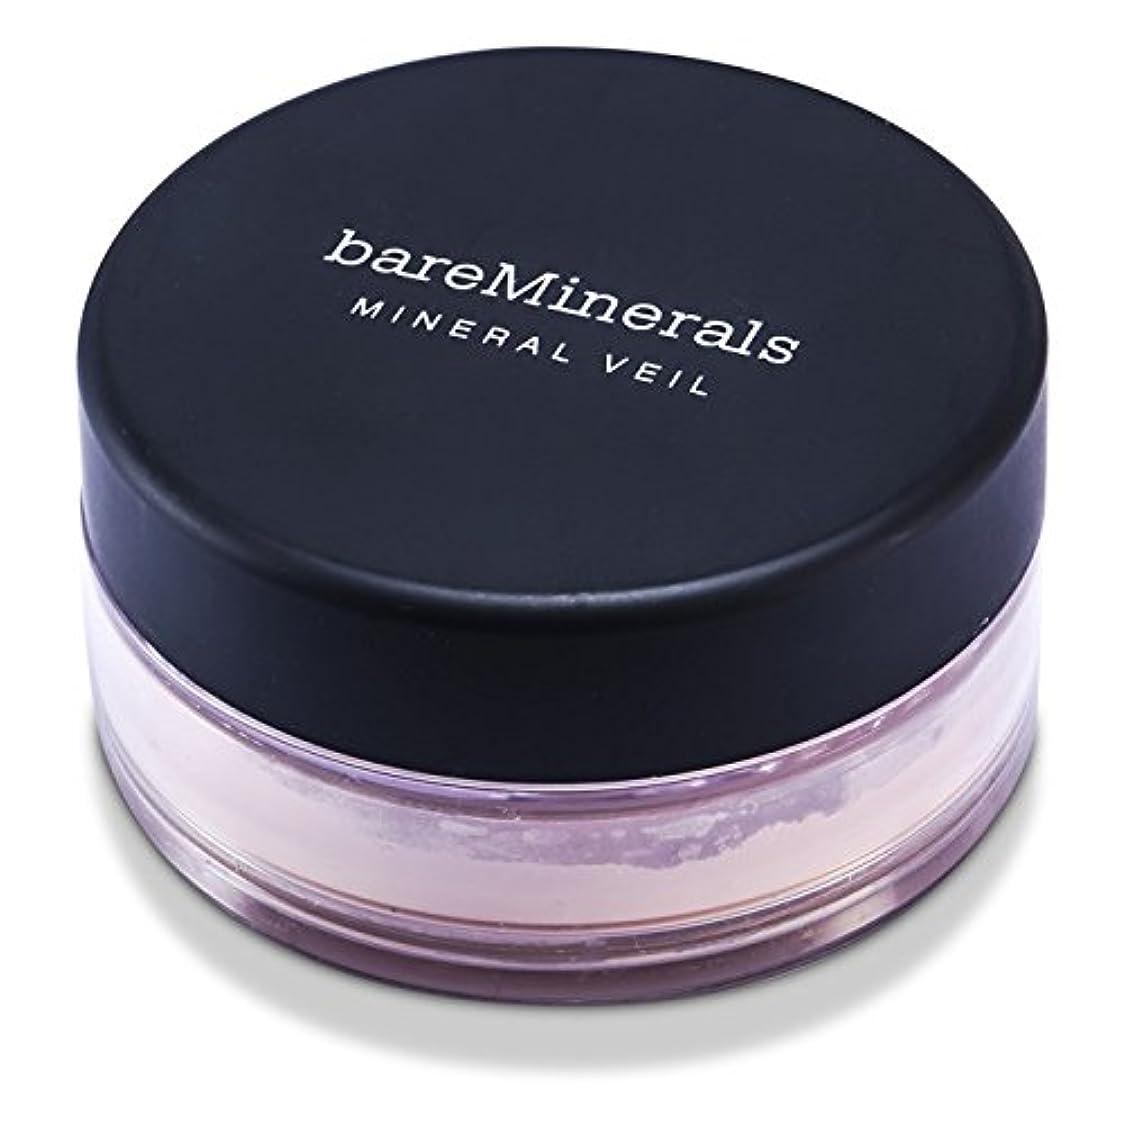 改善するチョーク寄付ベアミネラル i.d. ミネラルヴェイル - Mineral Veil 9g/0.3oz並行輸入品